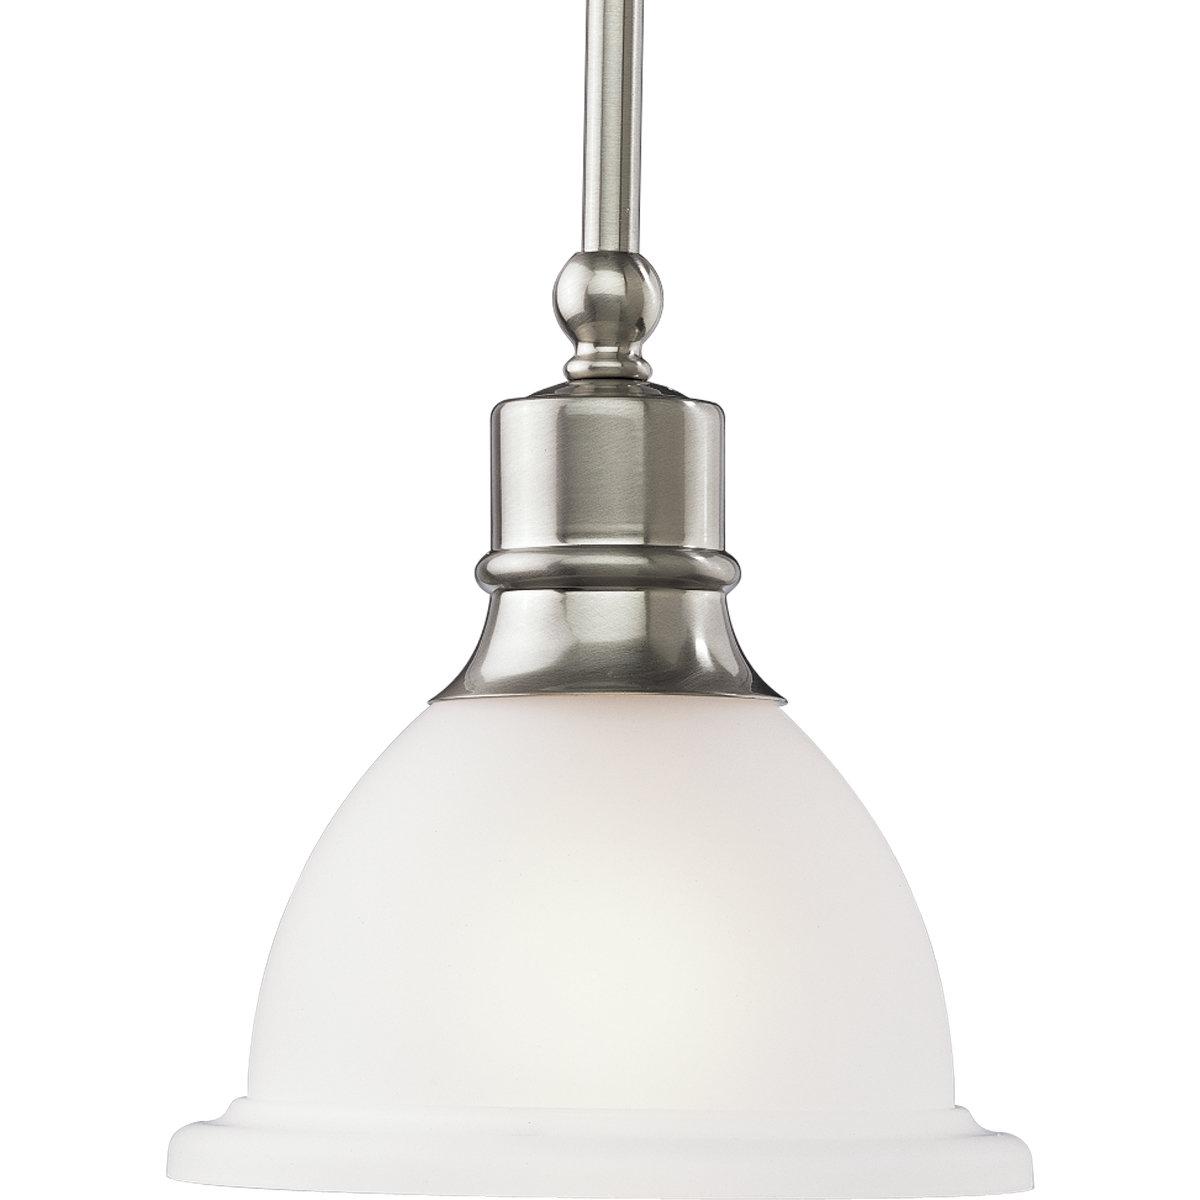 Vangorder 1 Light Single Bell Pendant Throughout Favorite Goldie 1 Light Single Bell Pendants (View 22 of 25)